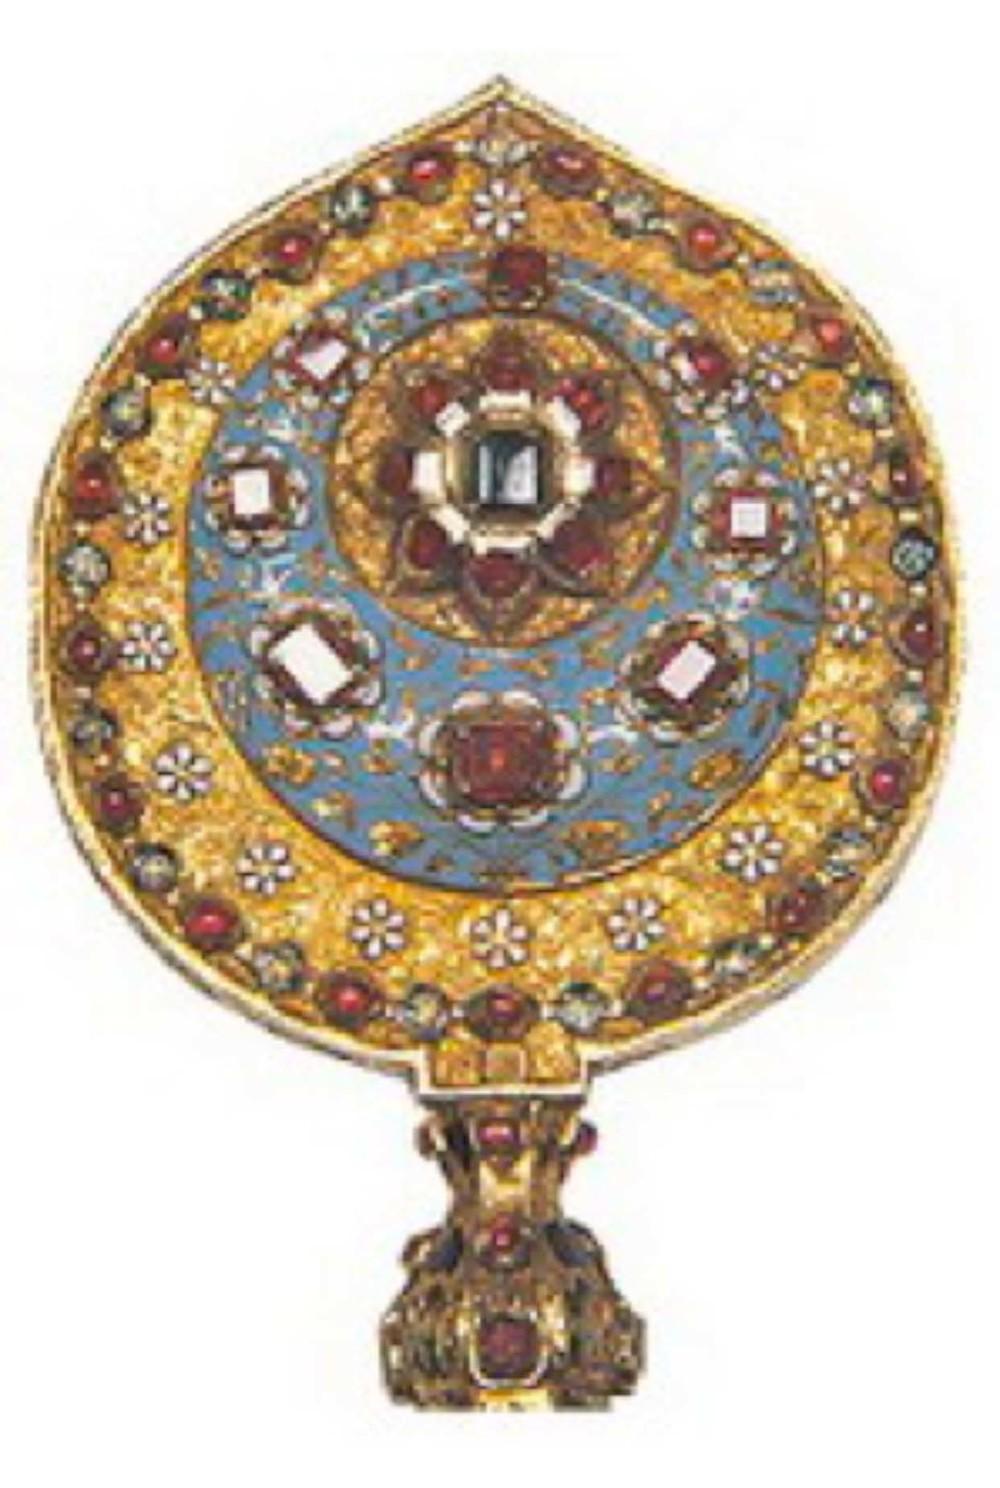 Mücevherli altın yelpaze sapı. 17. yy. ortaları, Osmanlı. Uzunluk : 21cm, çap : 8.5cm , T.S.M. 2/3565 Alem biçiminde her iki yüzü mineli, yakut ve zümrüt bezelidir. Altın paftaların arasında kenarlara tüy takmak için kanal oluşturulmuştur. Milfiori cam çubuğuntepesinde bir firuze vardır.